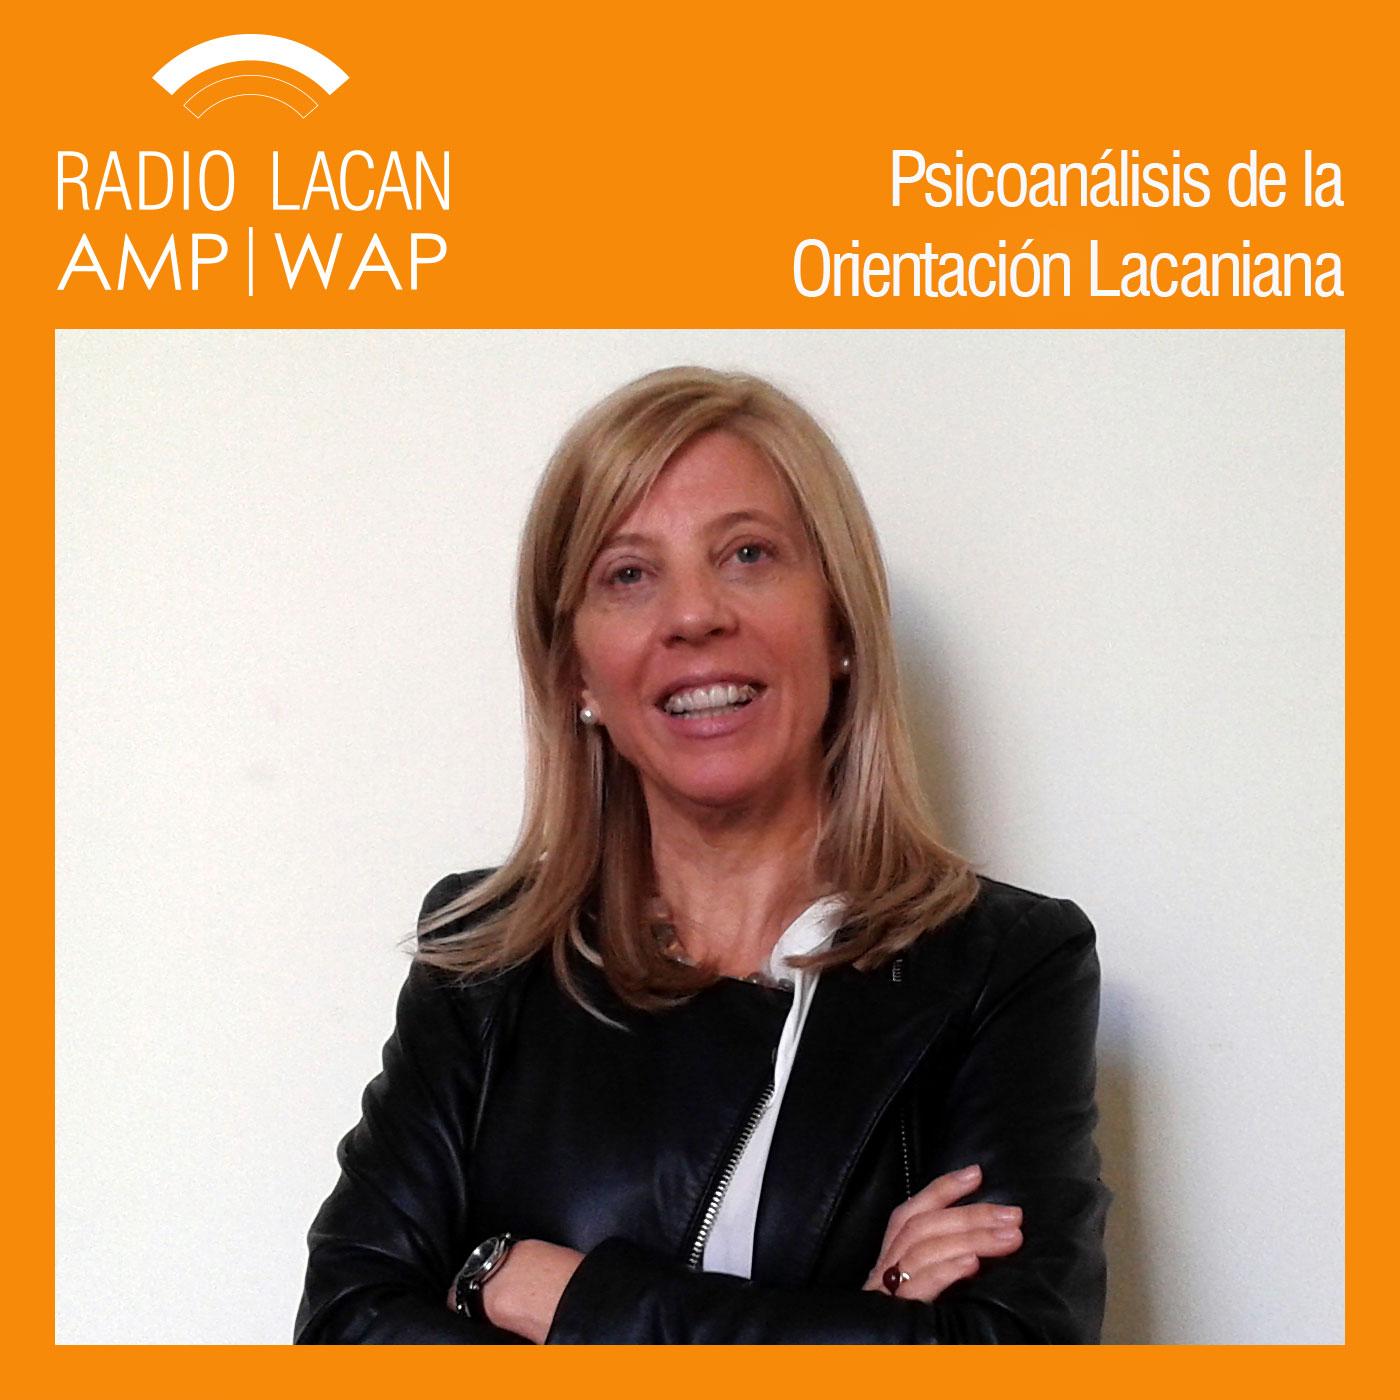 RadioLacan.com | <![CDATA[Entrevista a Neus Carbonell a propósito del Foro sobre autismo ¿Insumisos de la educación? y el Manifiesto Minerva]]>